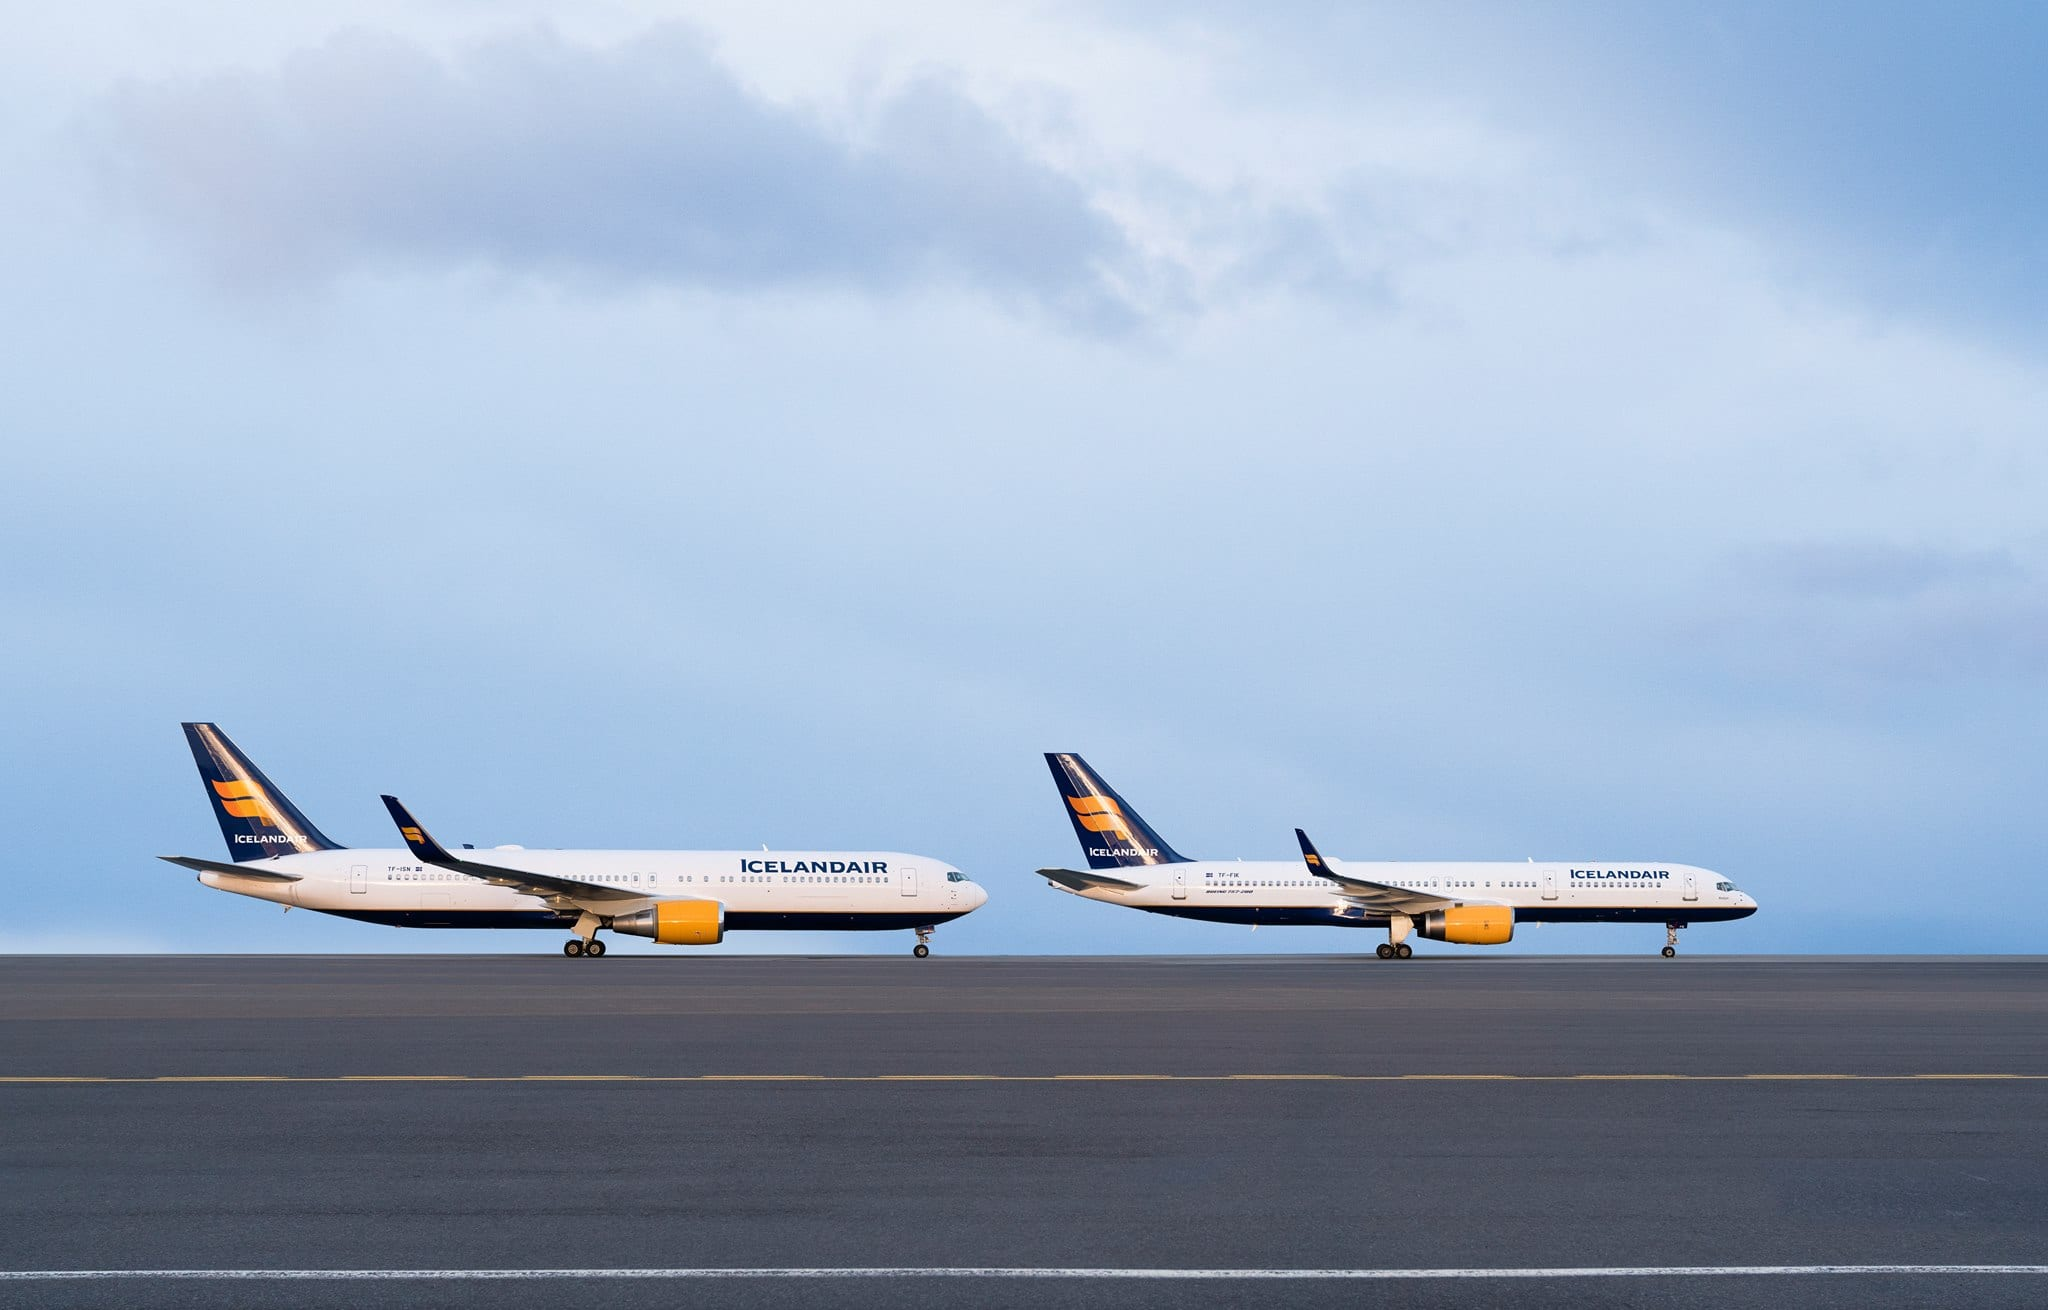 Beint flug Icelandair til Moskvu seldist upp á klukkutíma